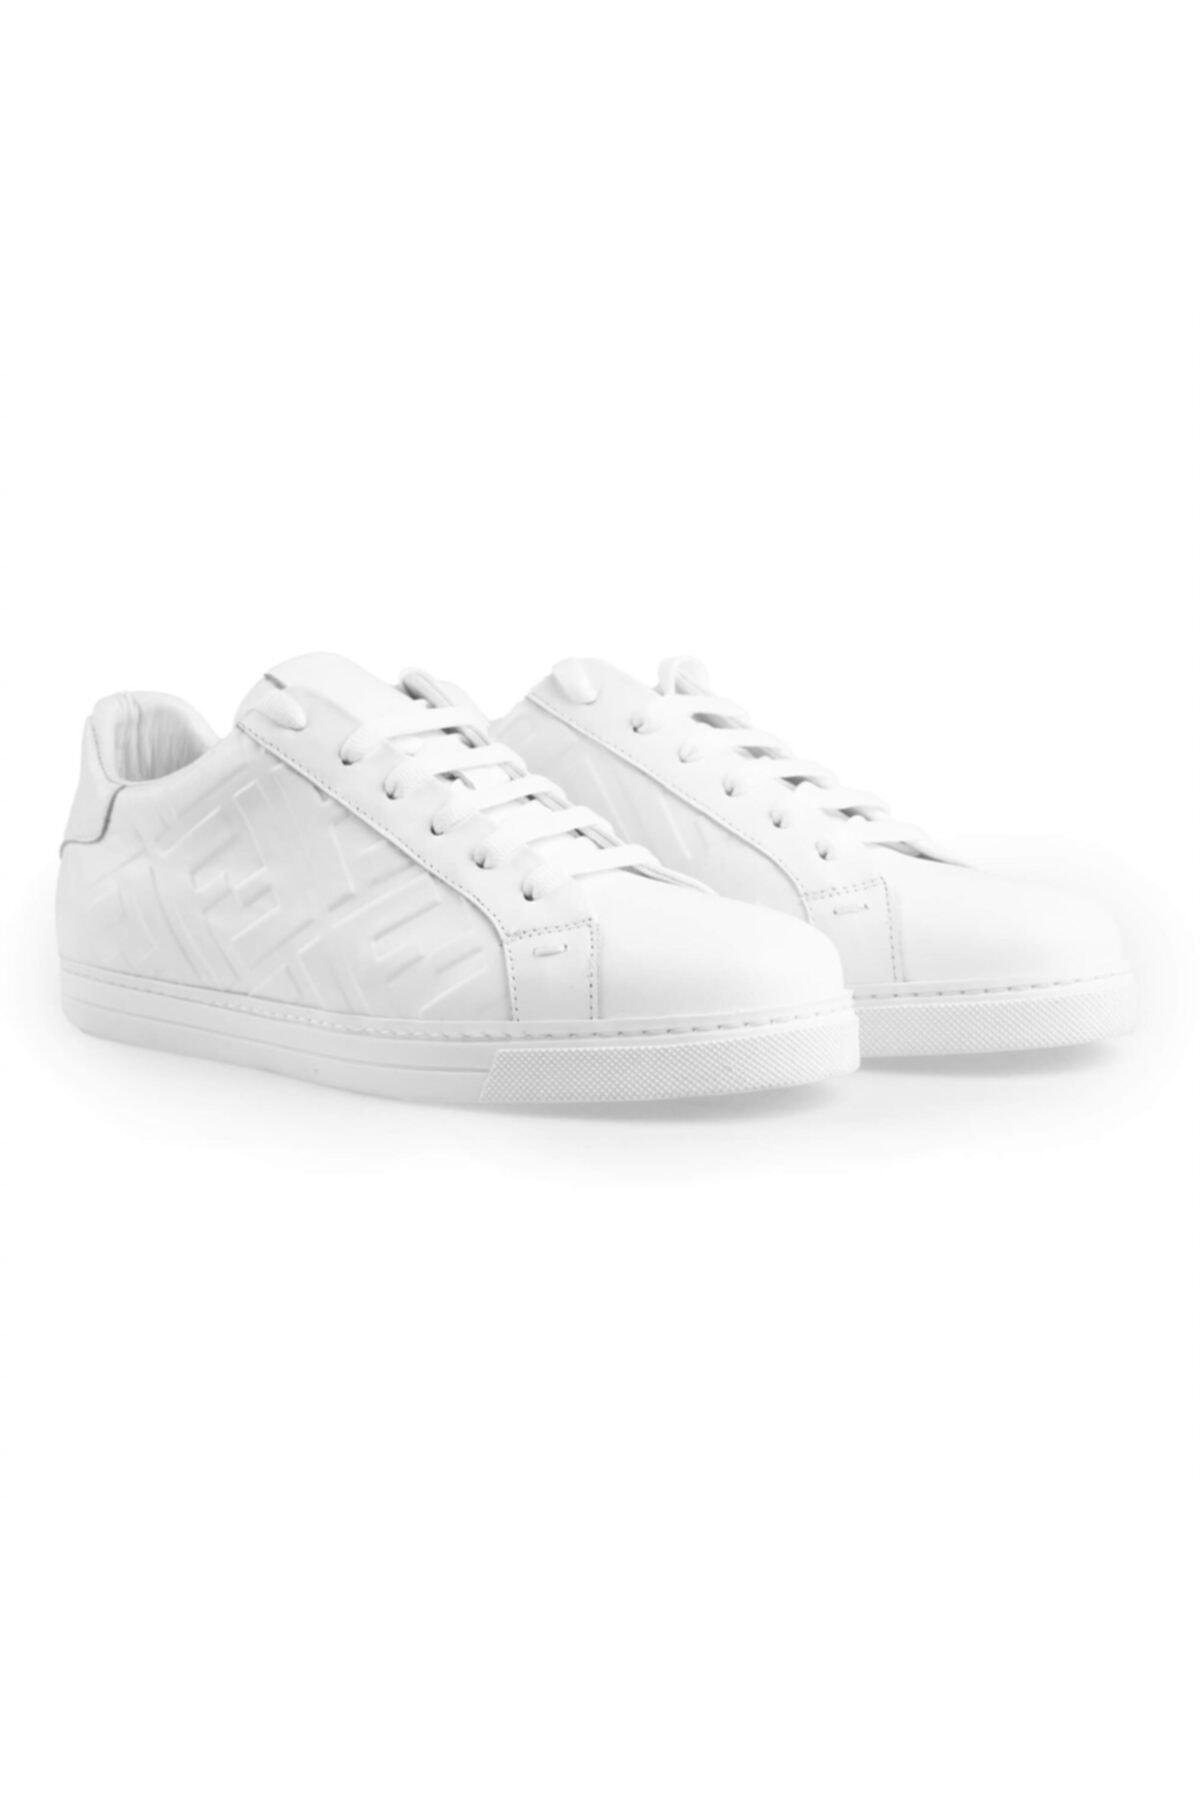 Flower Erkek Beyaz Deri Baskılı  Sneakers 2